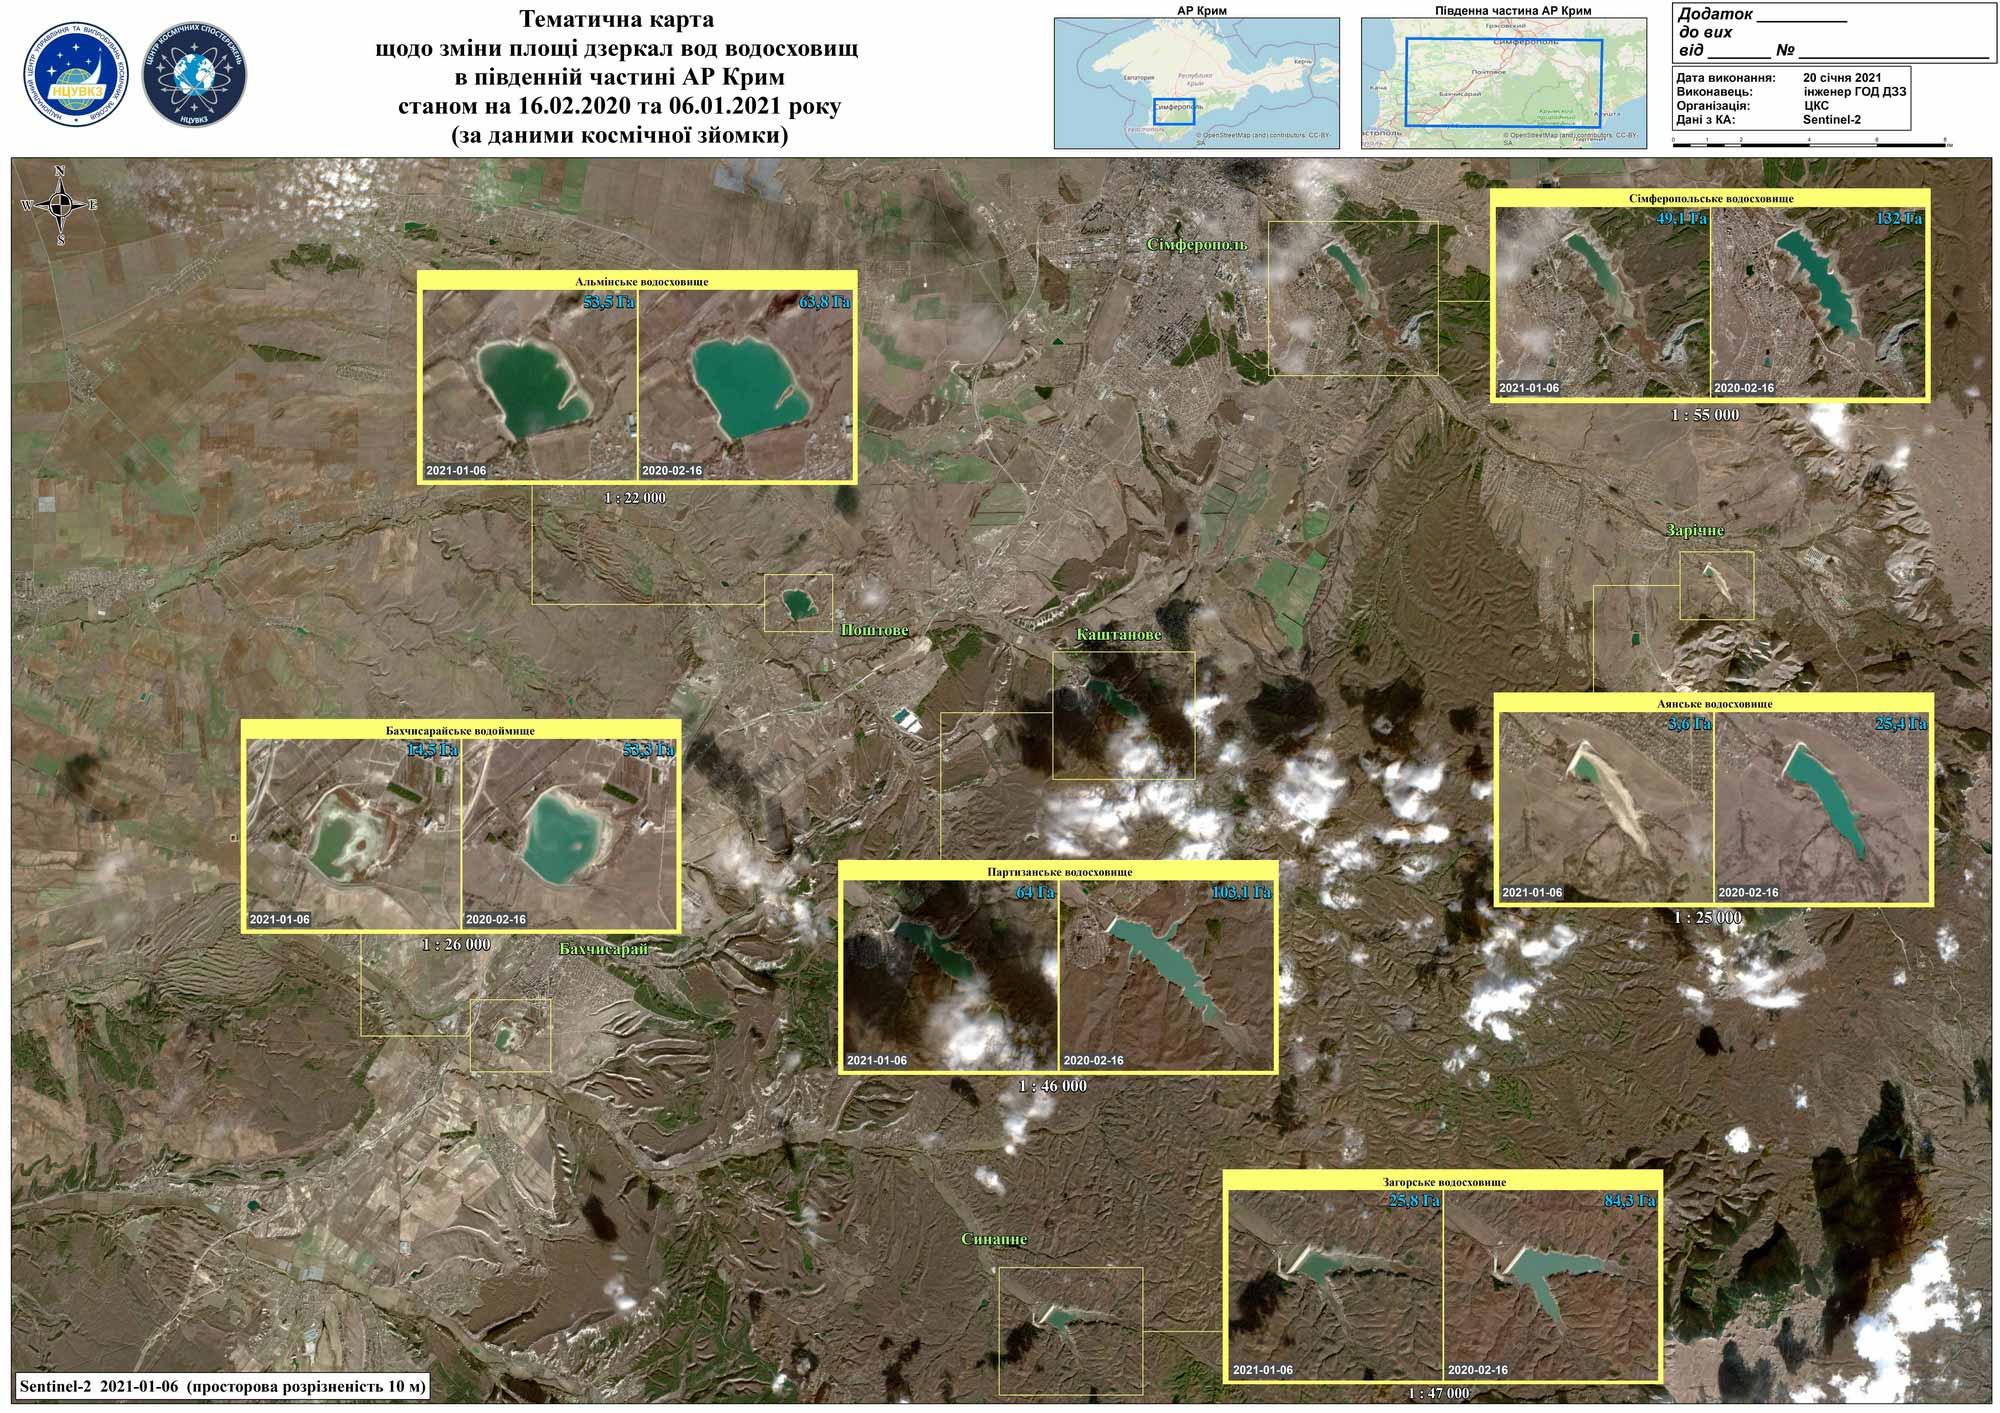 whater in crime map - <b>Вода в Крыму заканчивается и лучше не станет.</b> Рассказываем, что происходит на аннексированном полуострове - Заборона